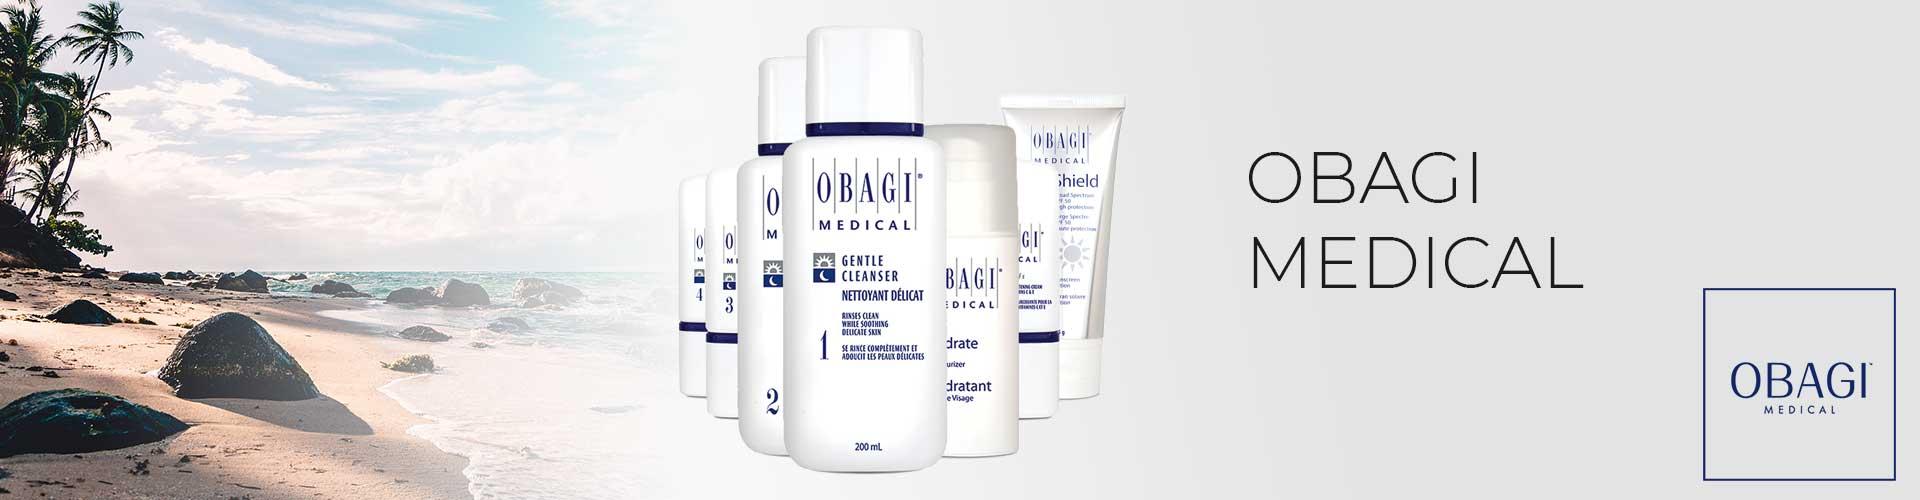 Obagi Medical Product Banner